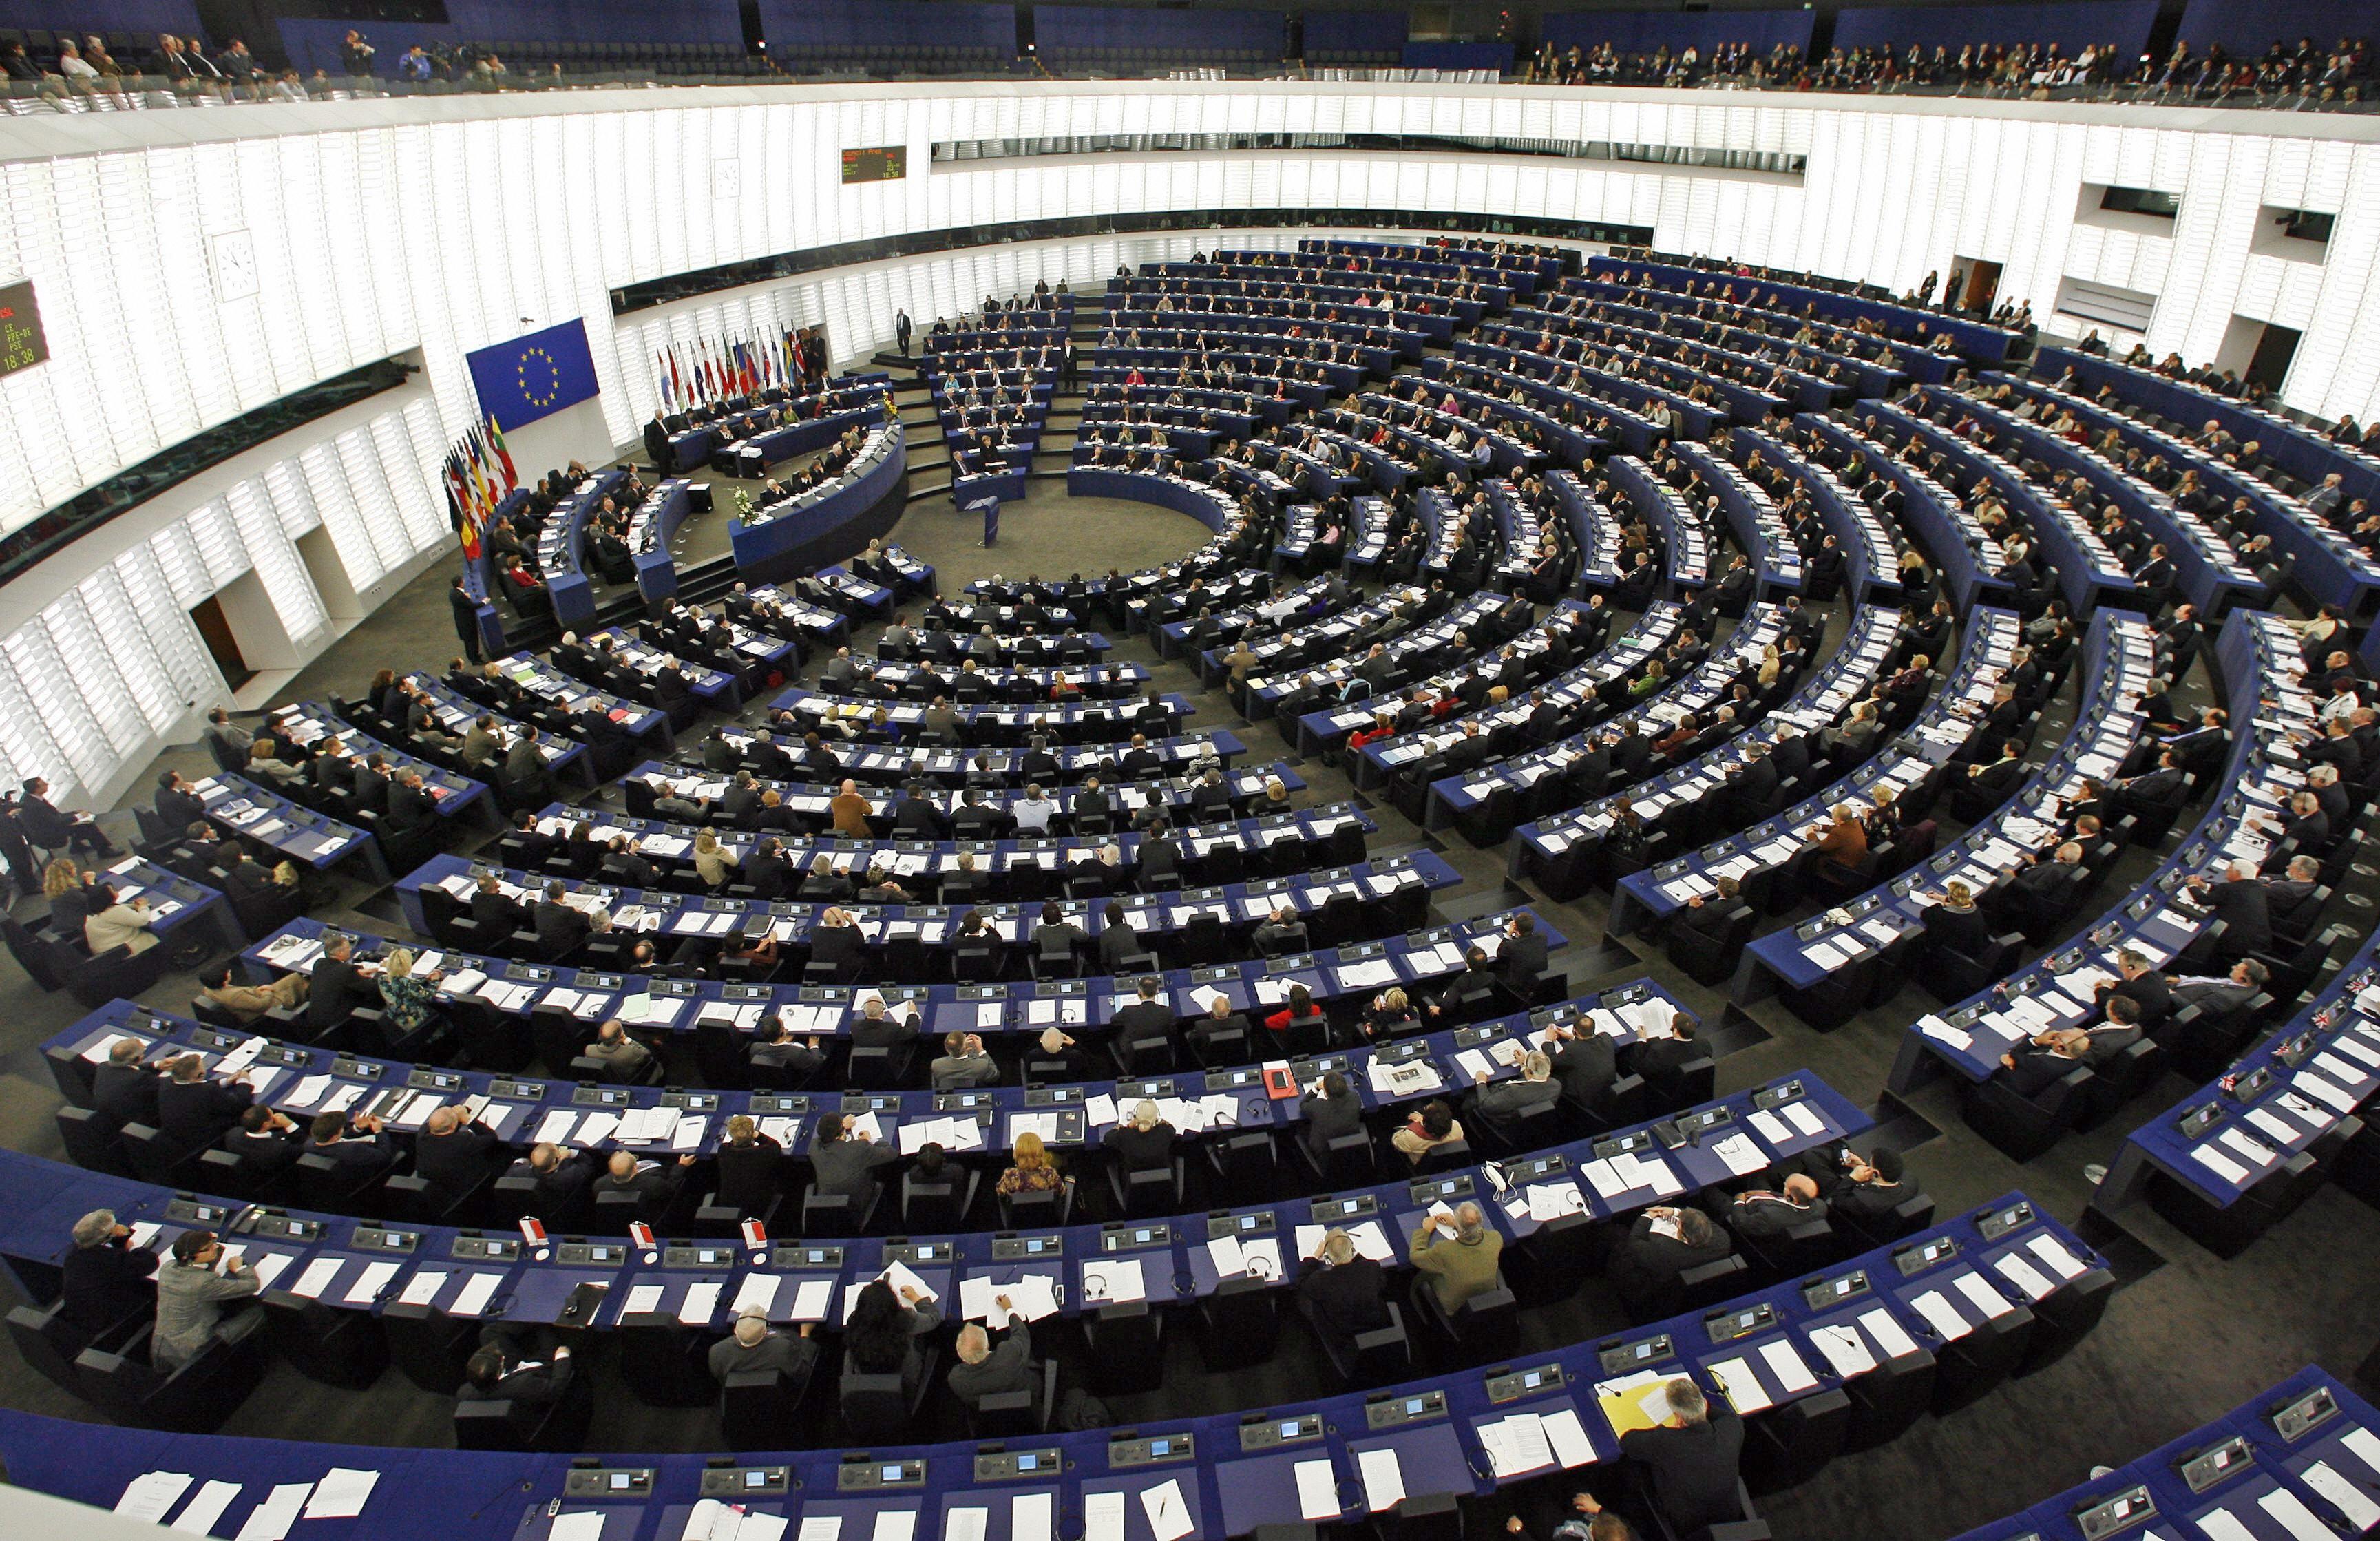 commissione europea - photo #19